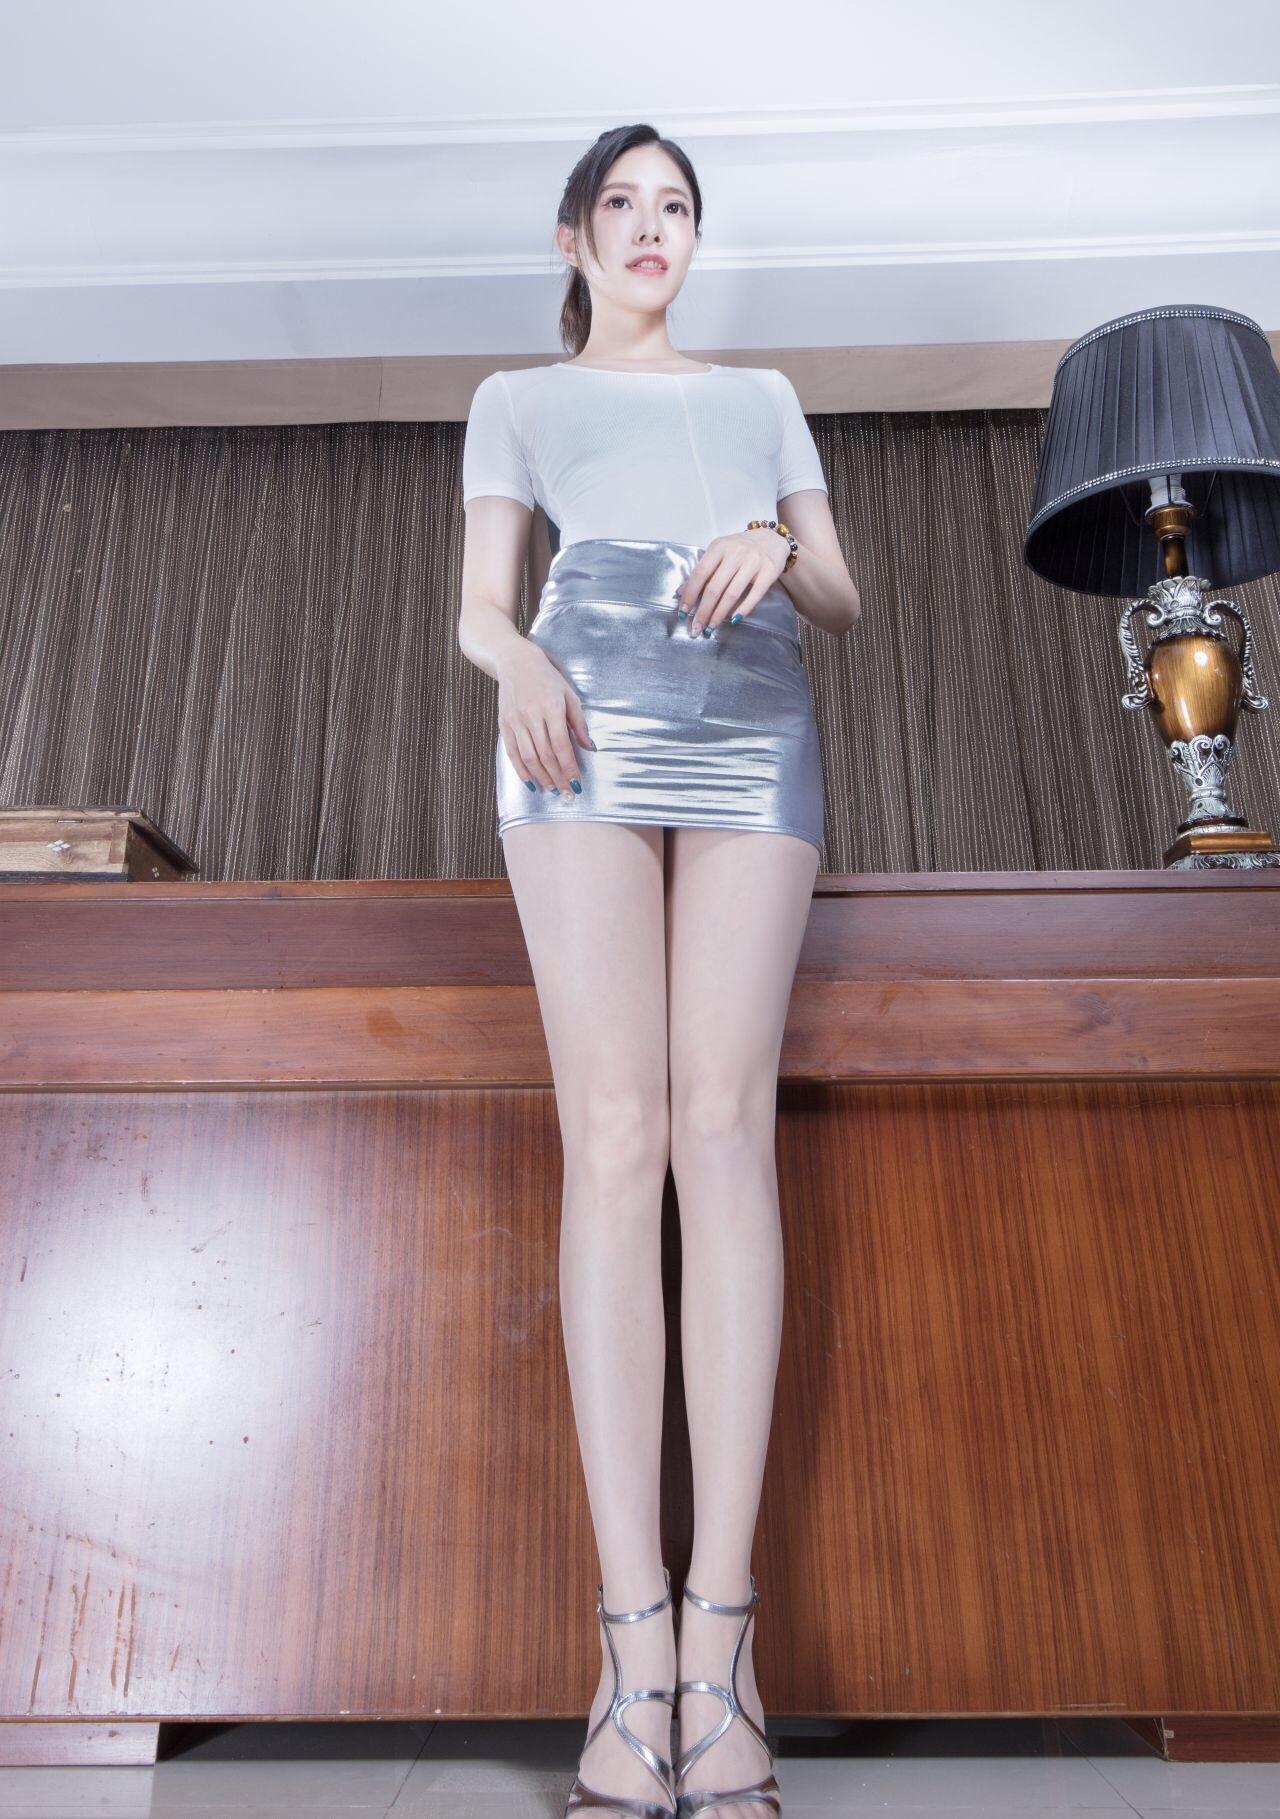 BEAUTYLEG Abbyのムチムチ美脚